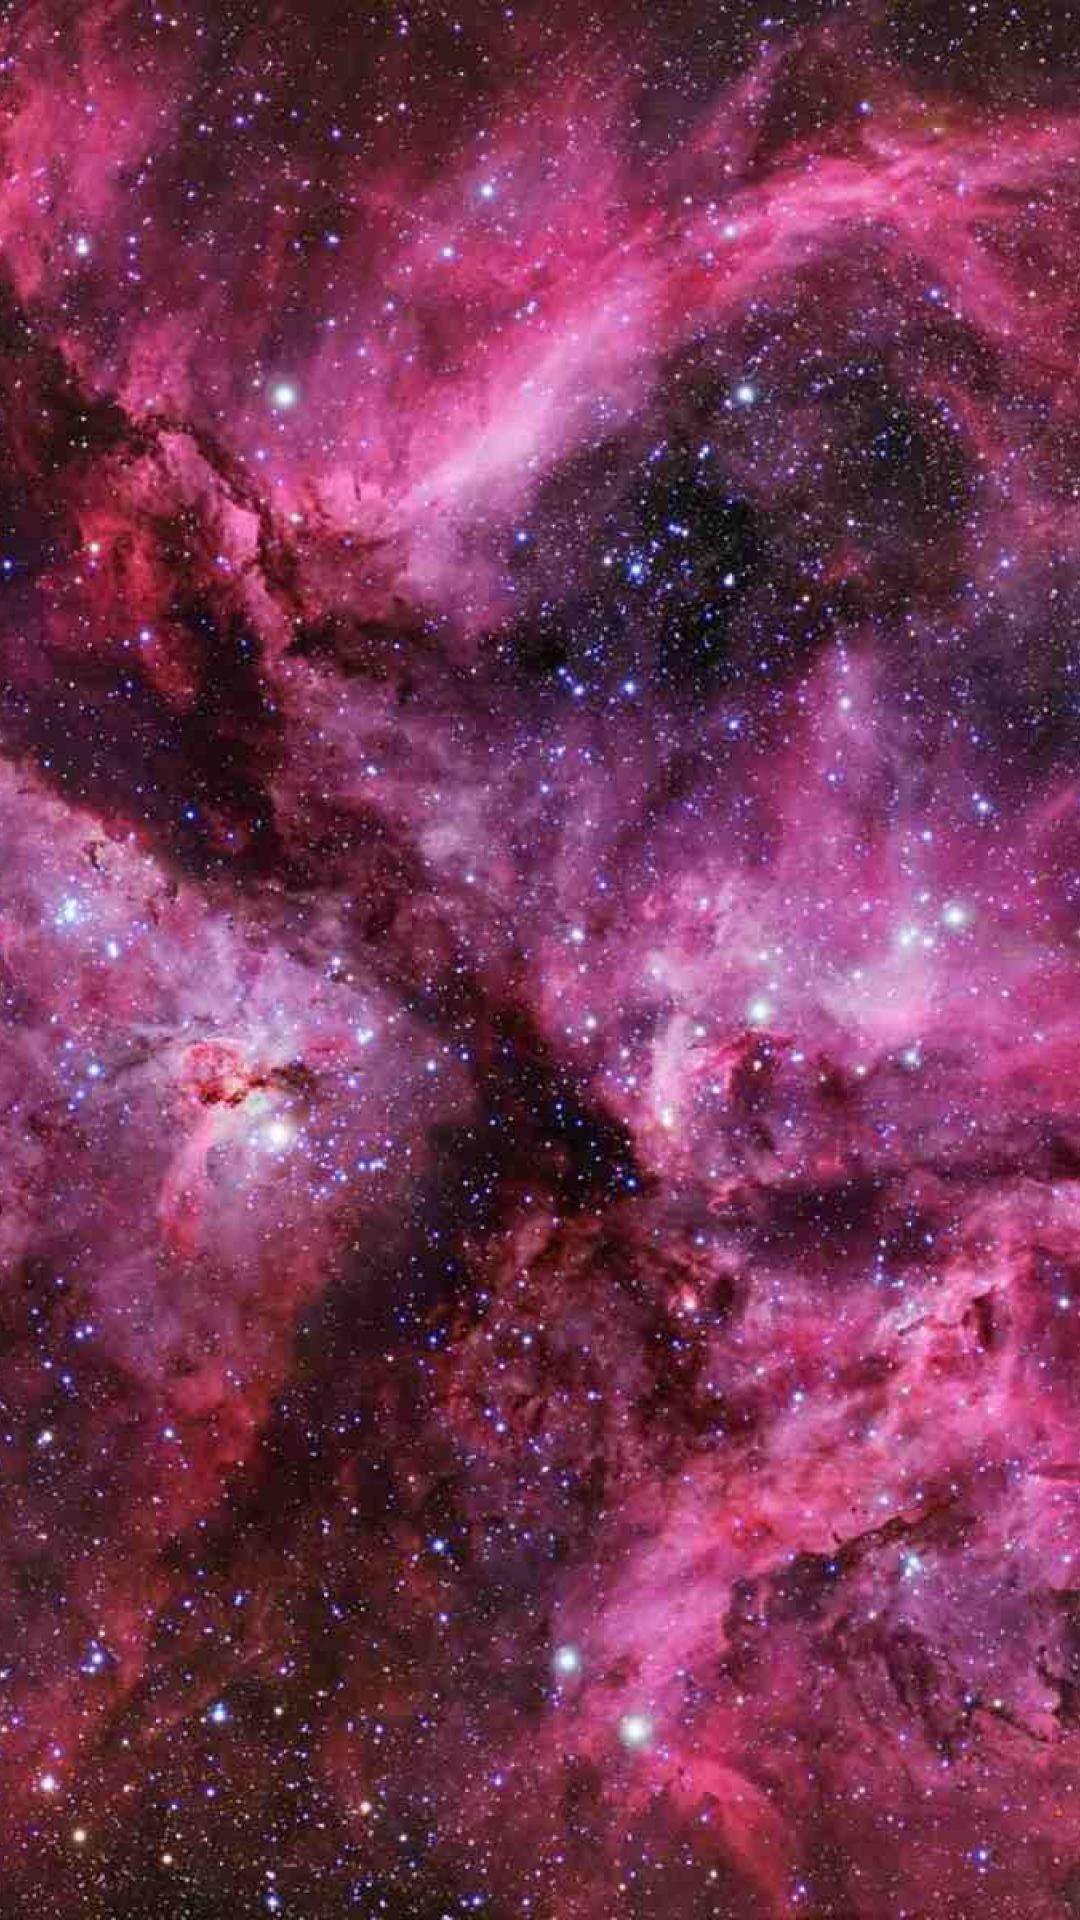 Galaxy Wallpaper for iPhone 6 - WallpaperSafari